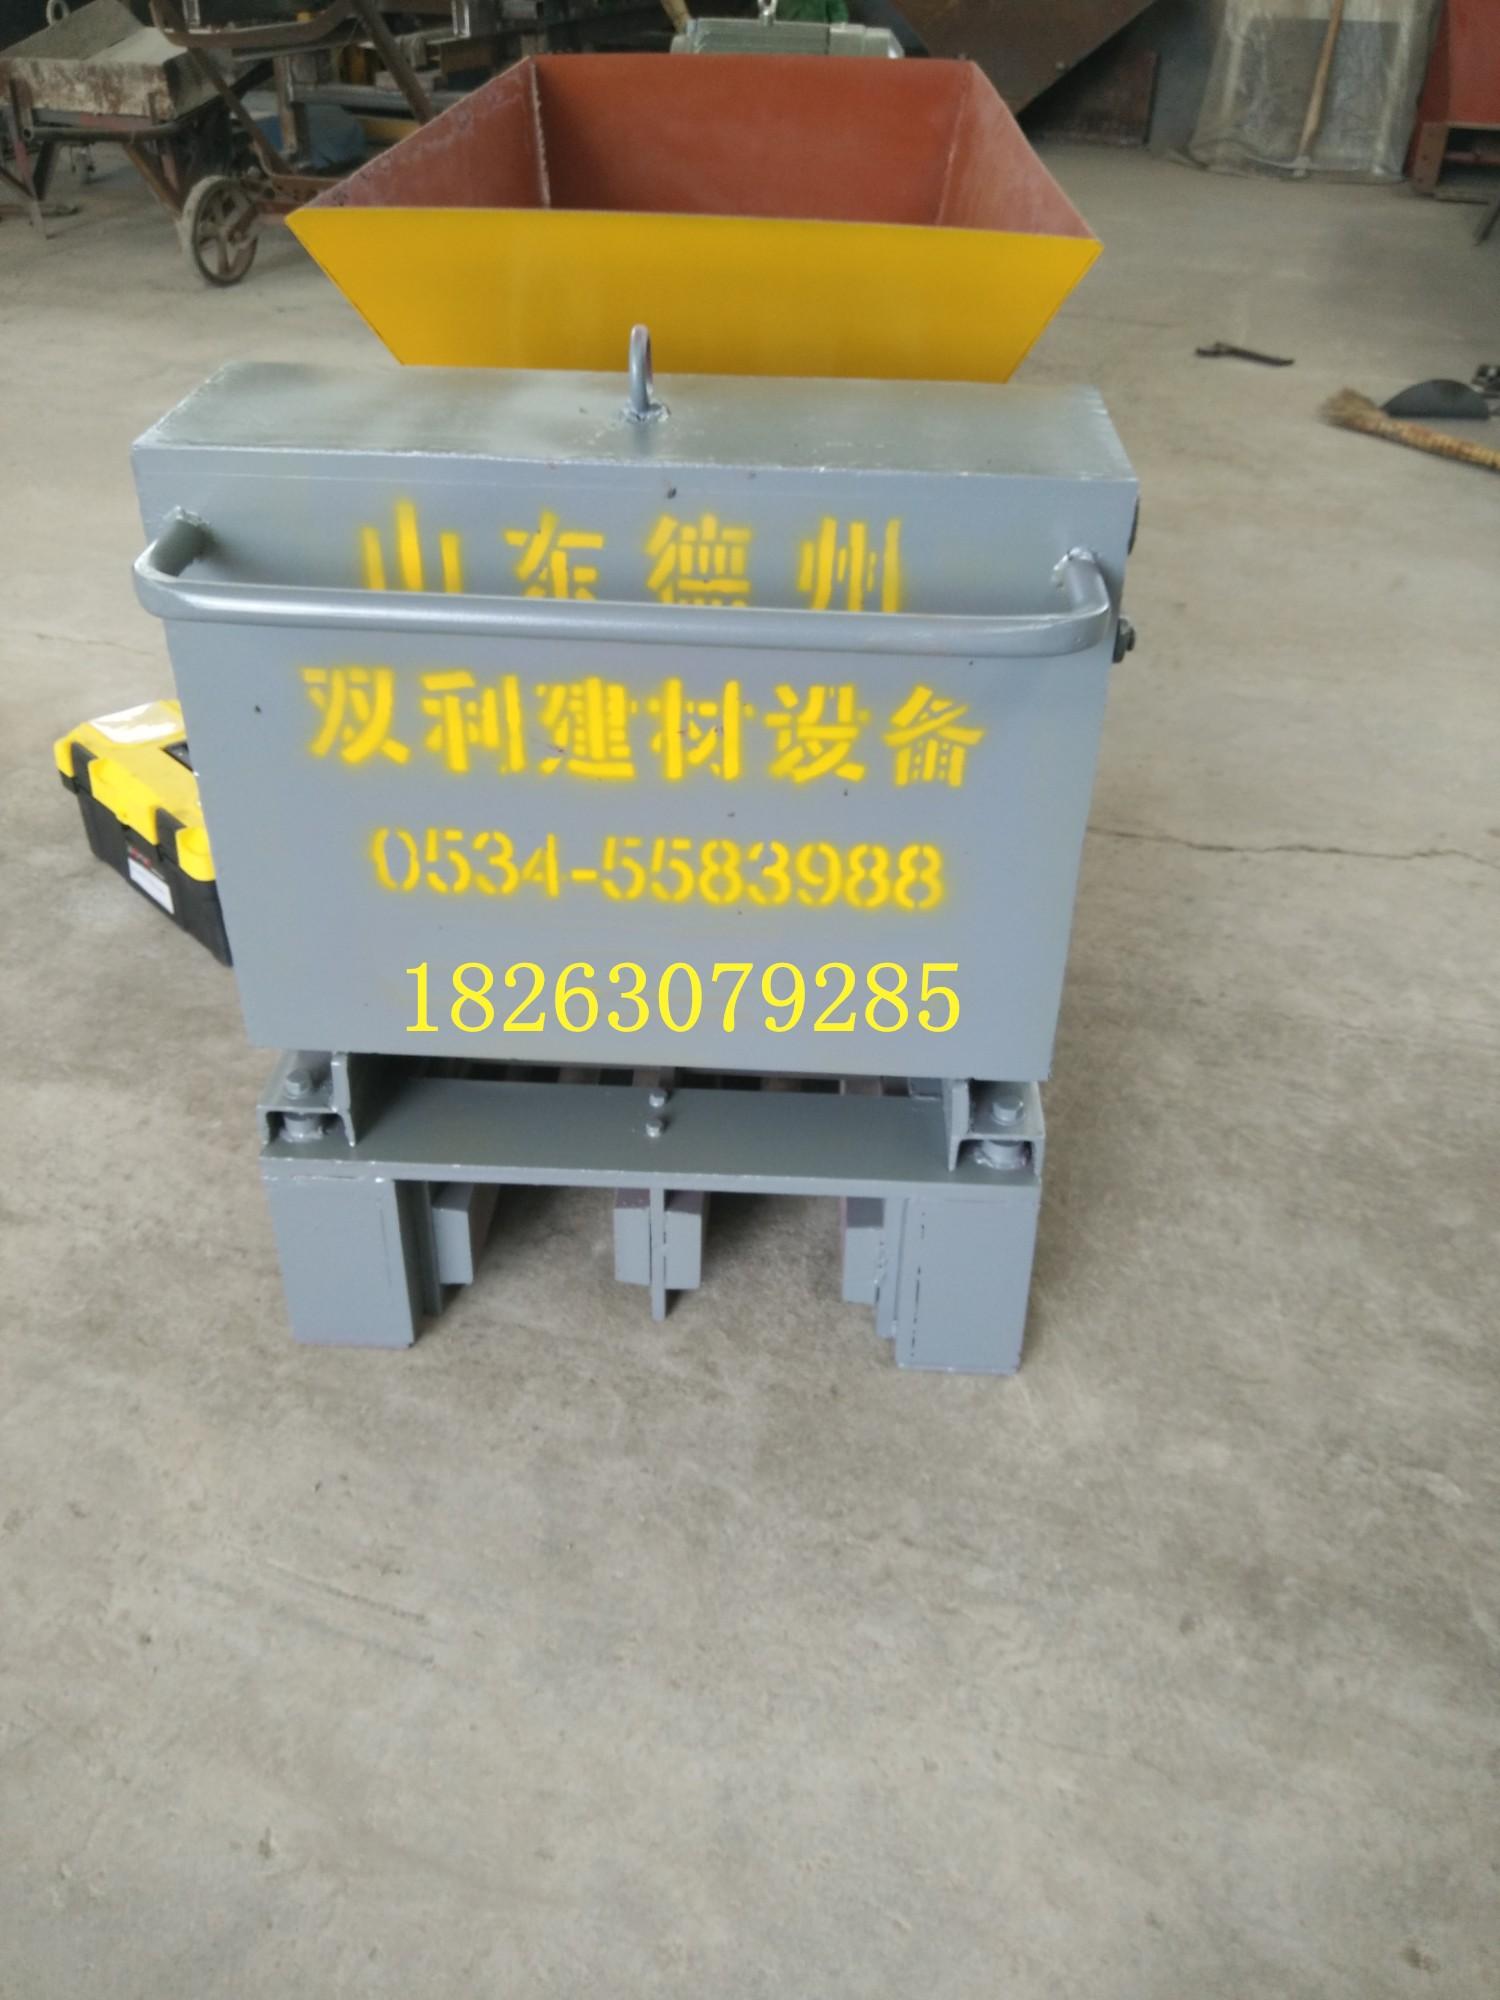 生产180-200围墙立柱机等各种型号楼板机,质量第一。